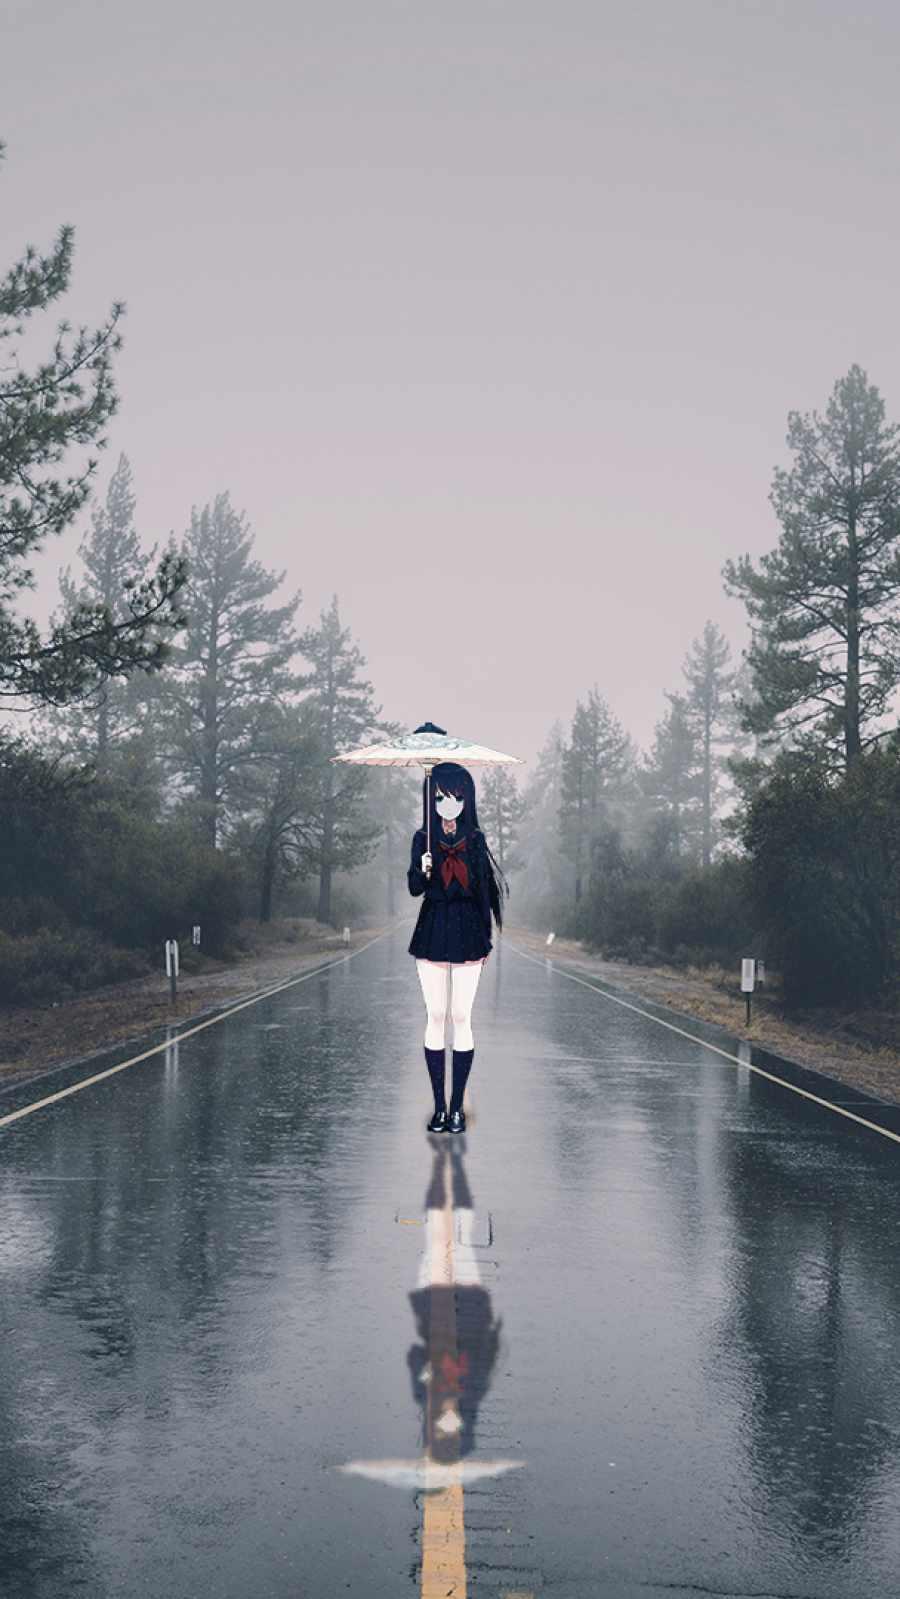 Anime Girl in Rain iPhone Wallpaper